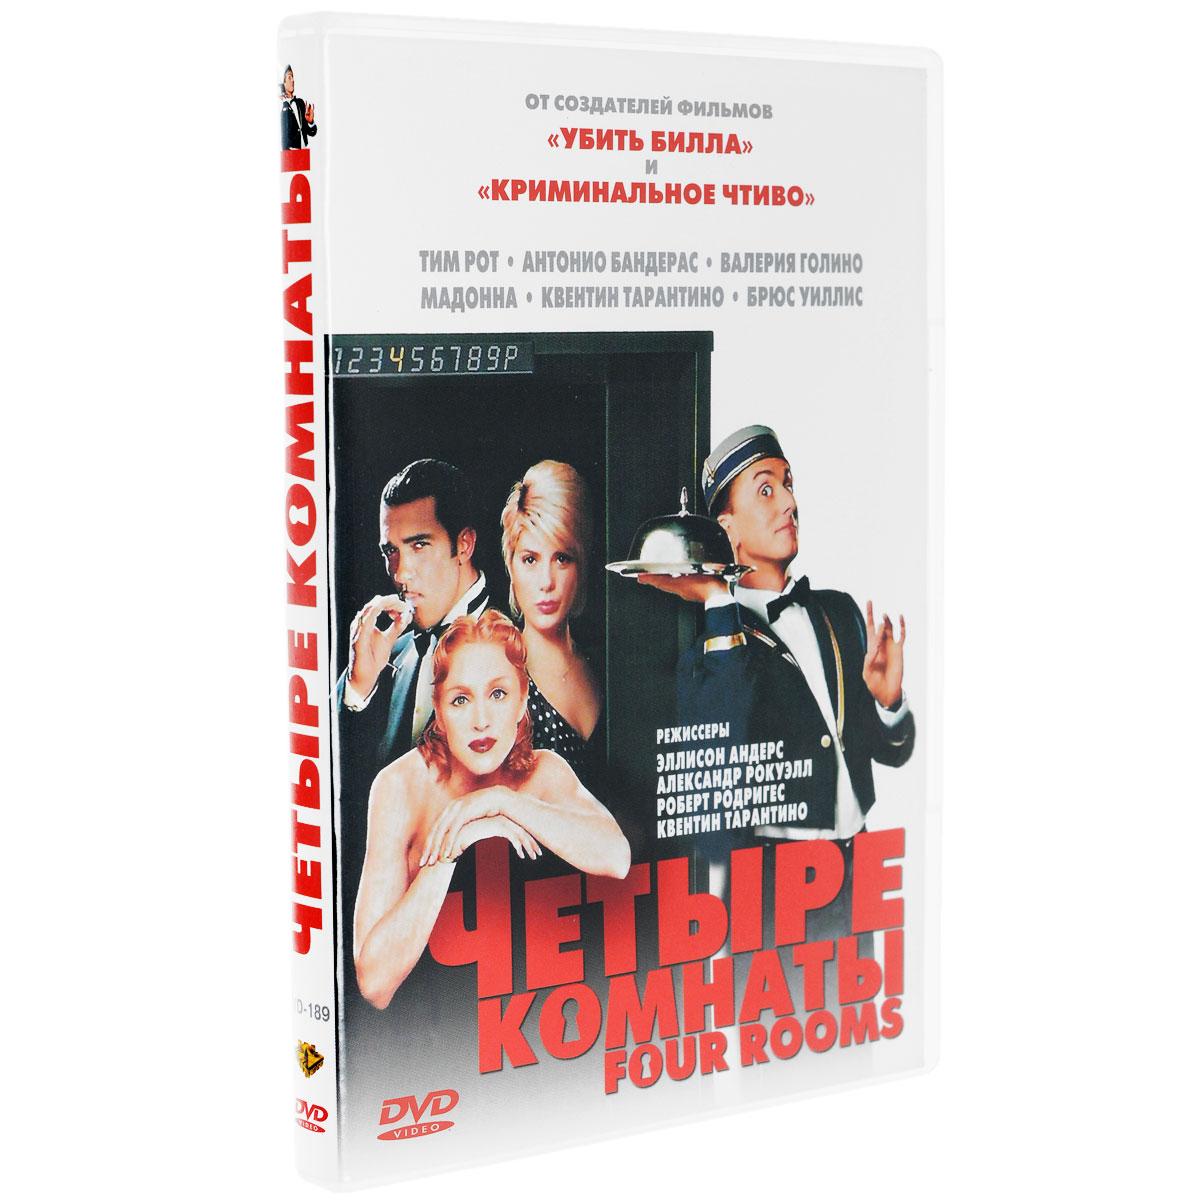 Четыре комнаты 2005 DVD